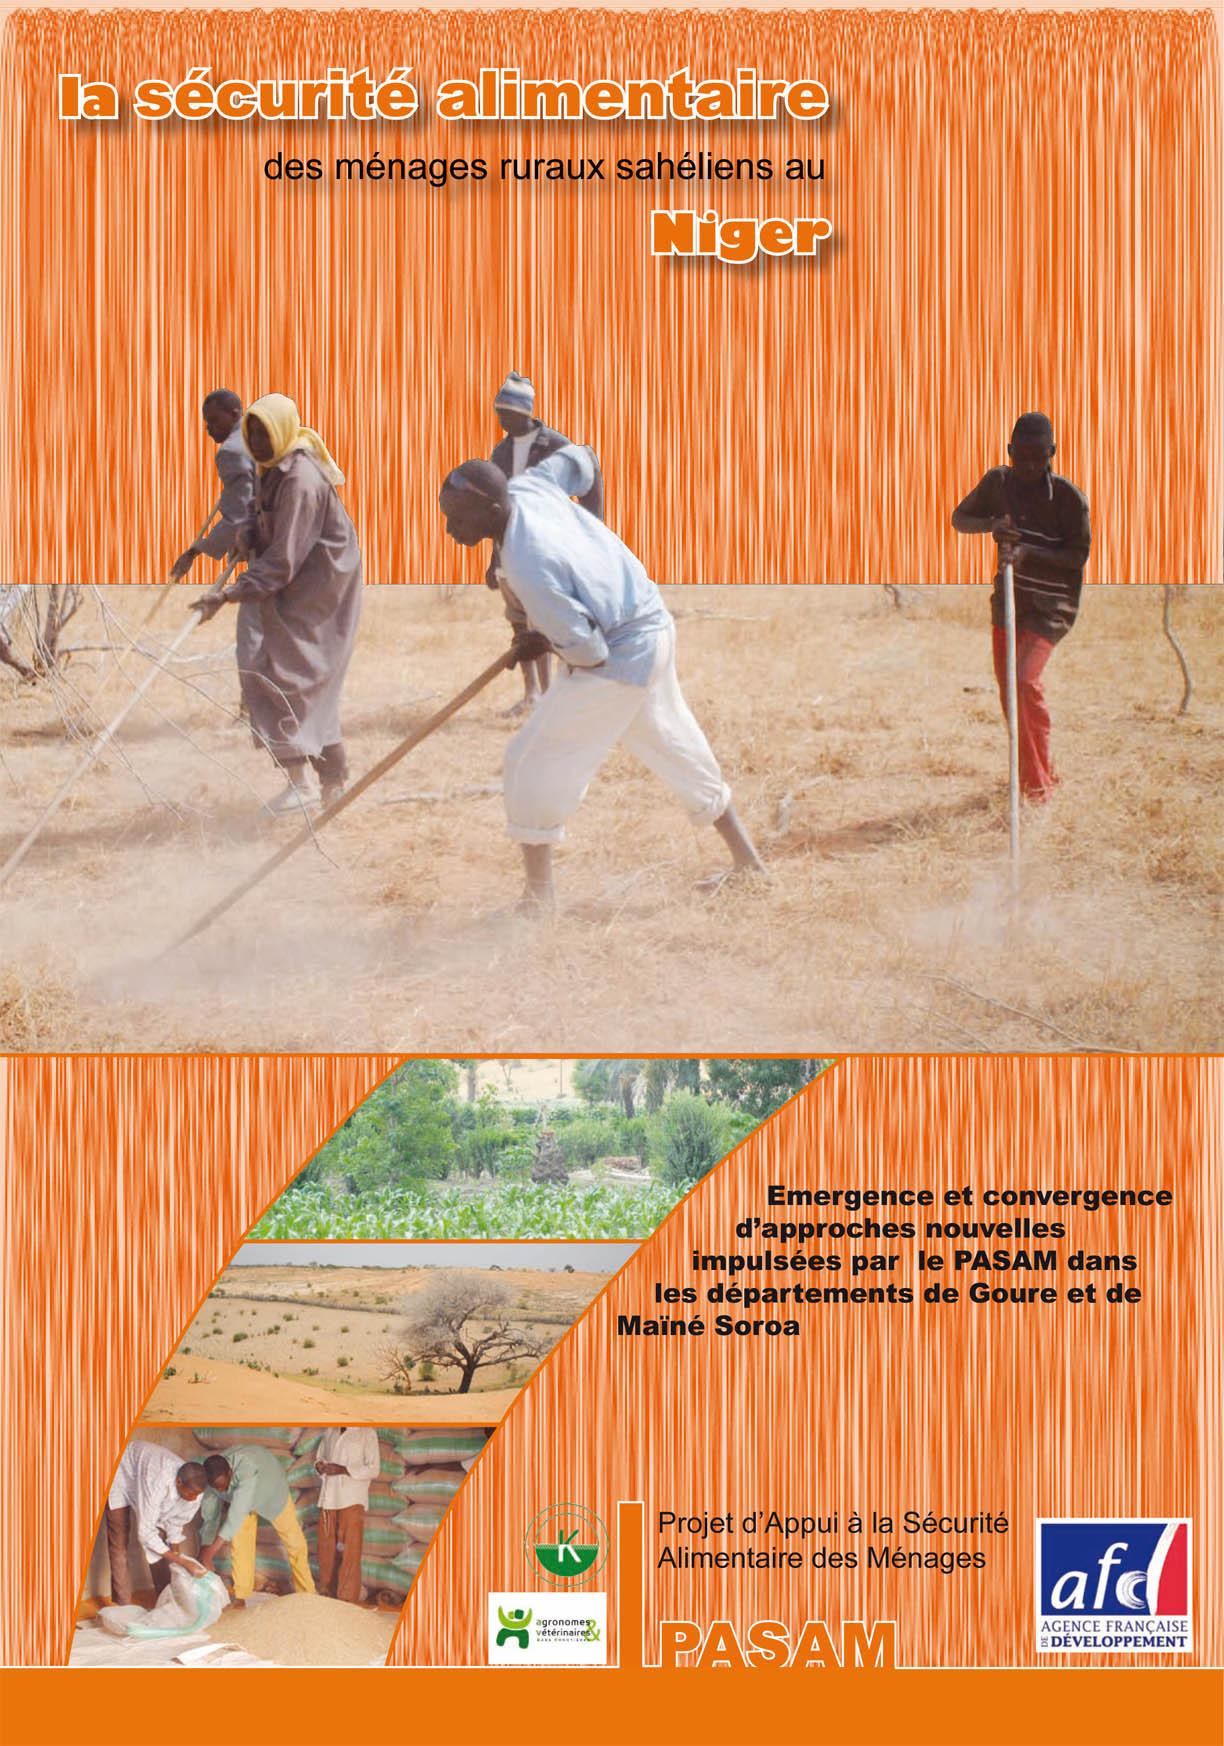 Thumbnail - La sécurité alimentaire des ménages ruraux sahéliens au Niger : les approches innovantes du projet PASAM